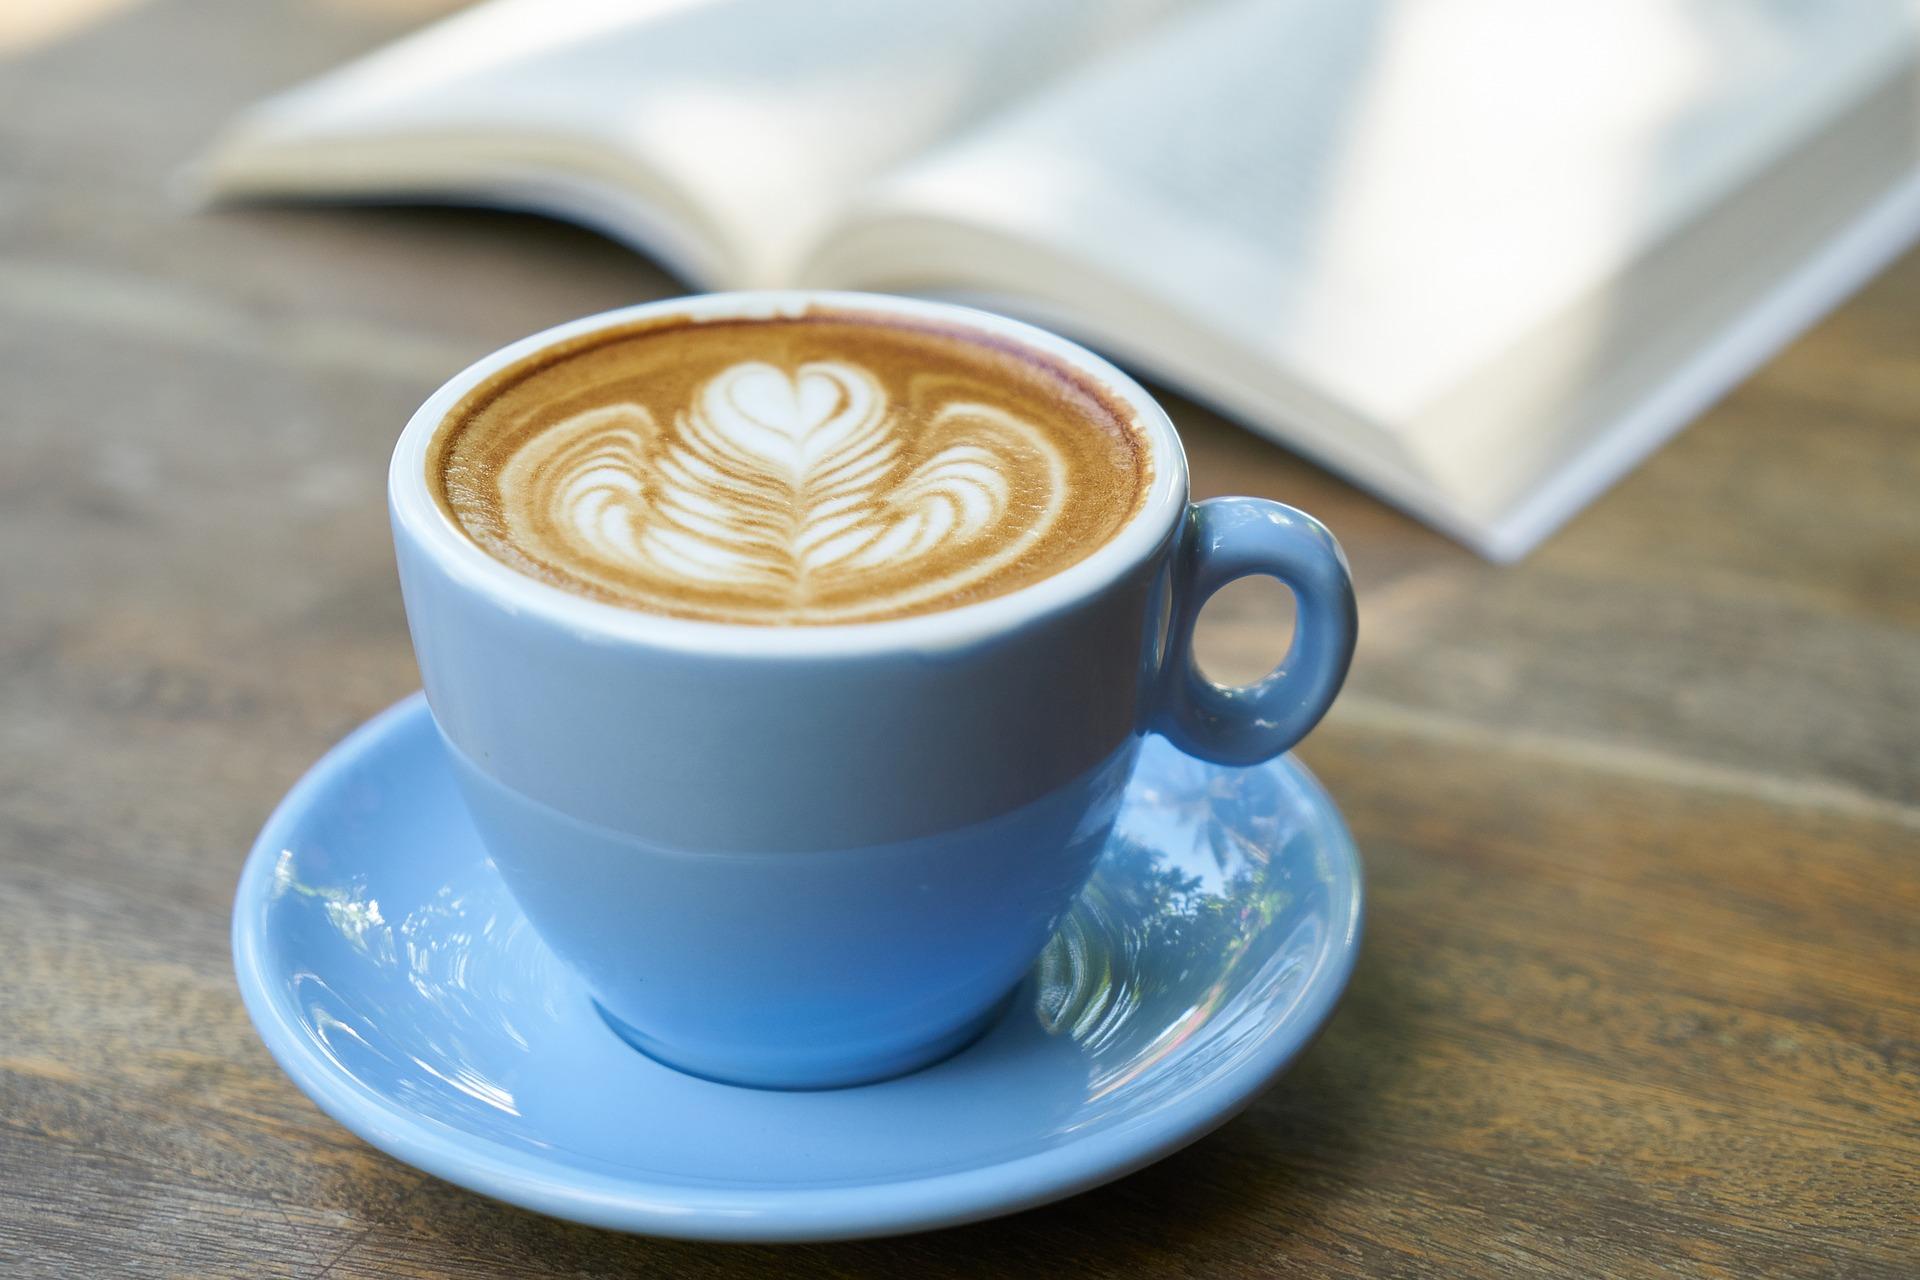 coffee-2354858_1920